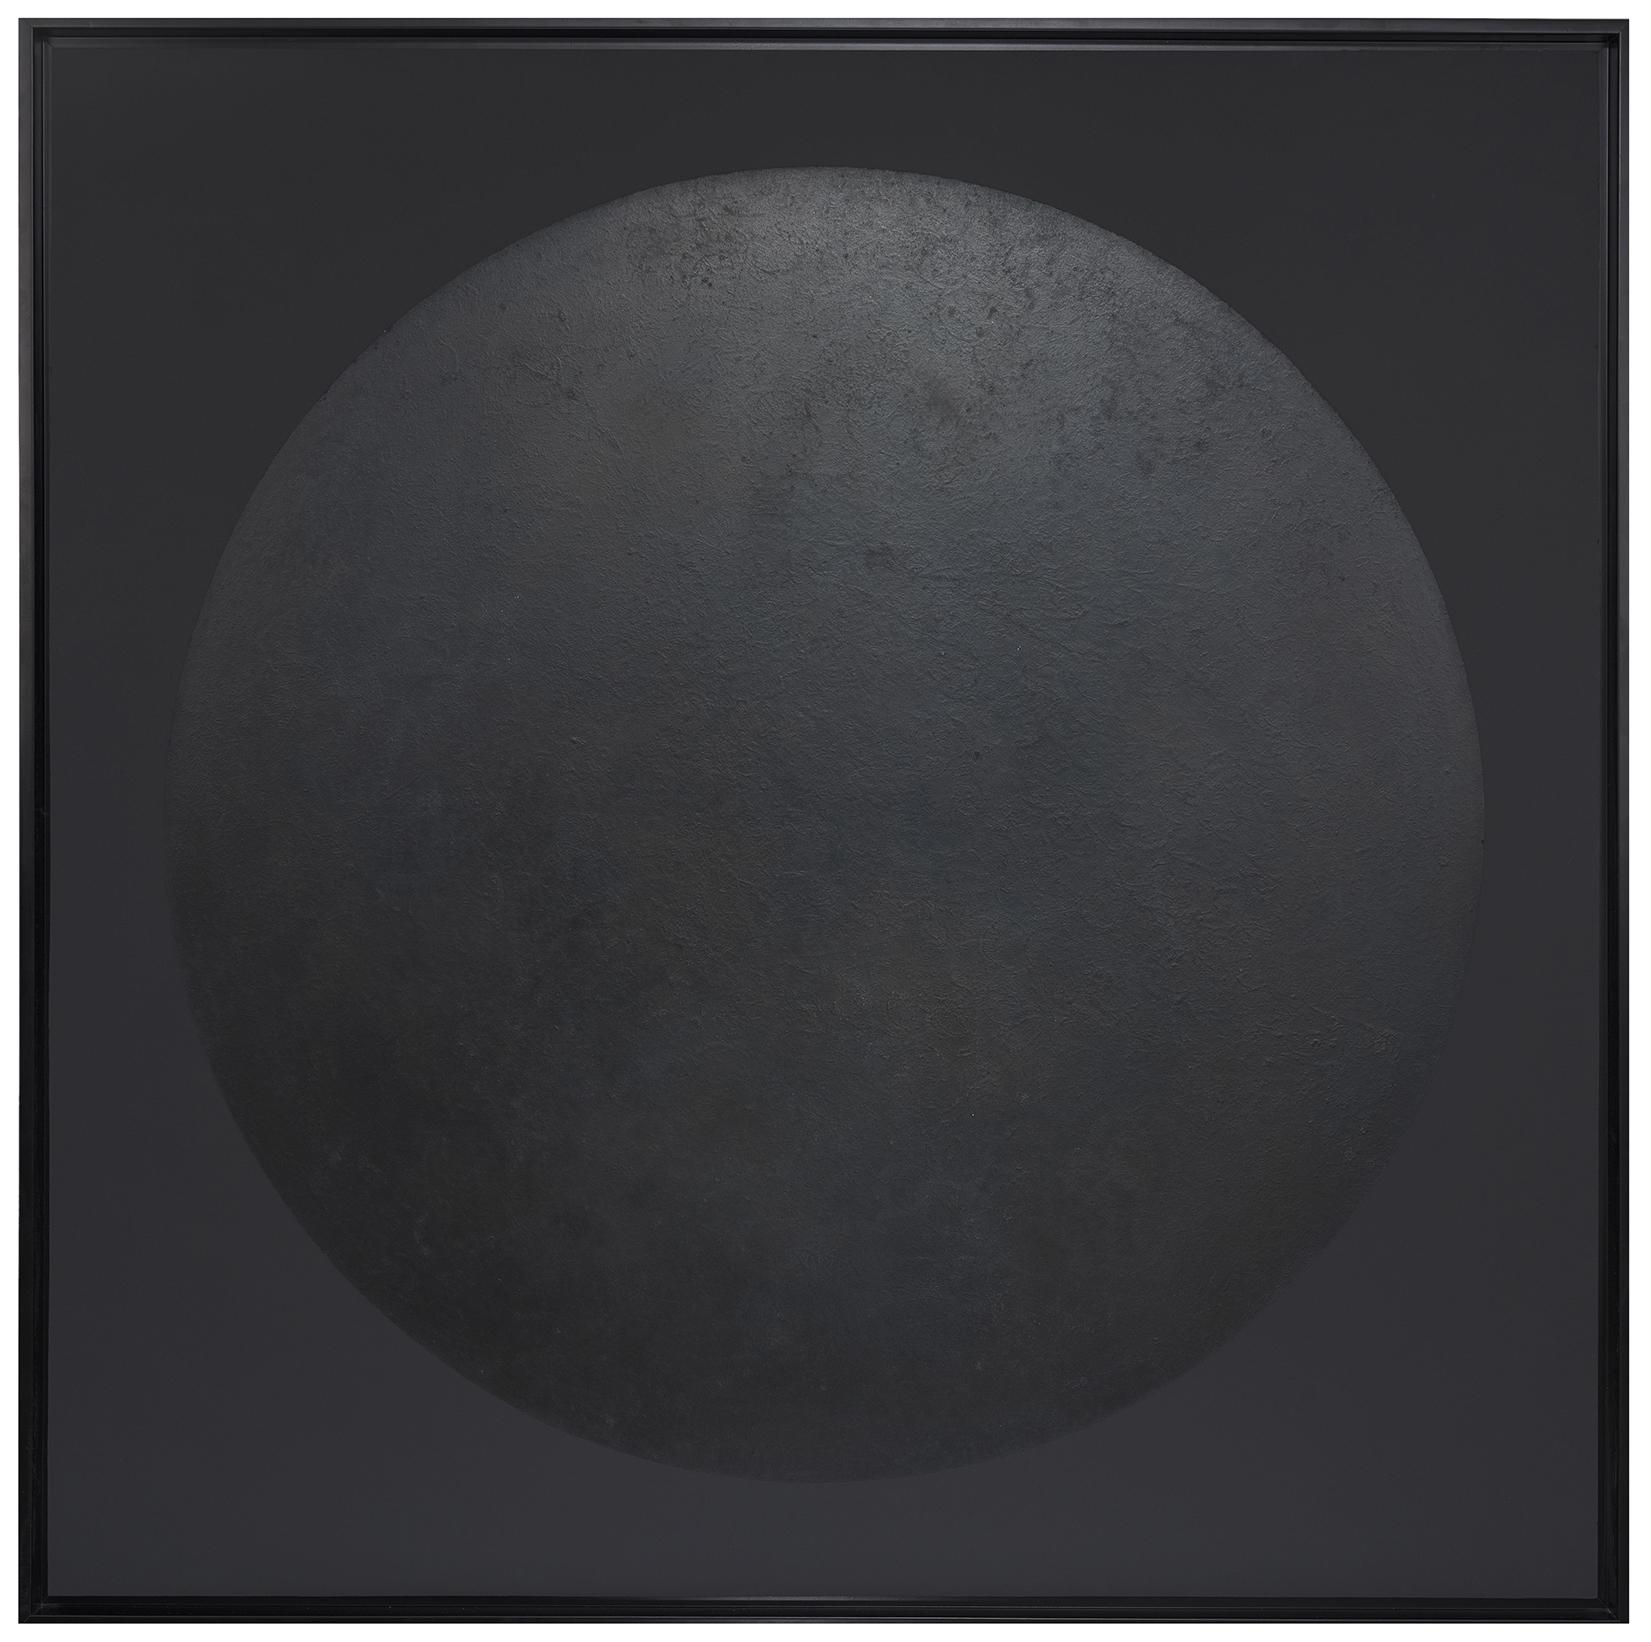 La lune noire - Laque finition cirée - Dimension : 120 x 120 cm